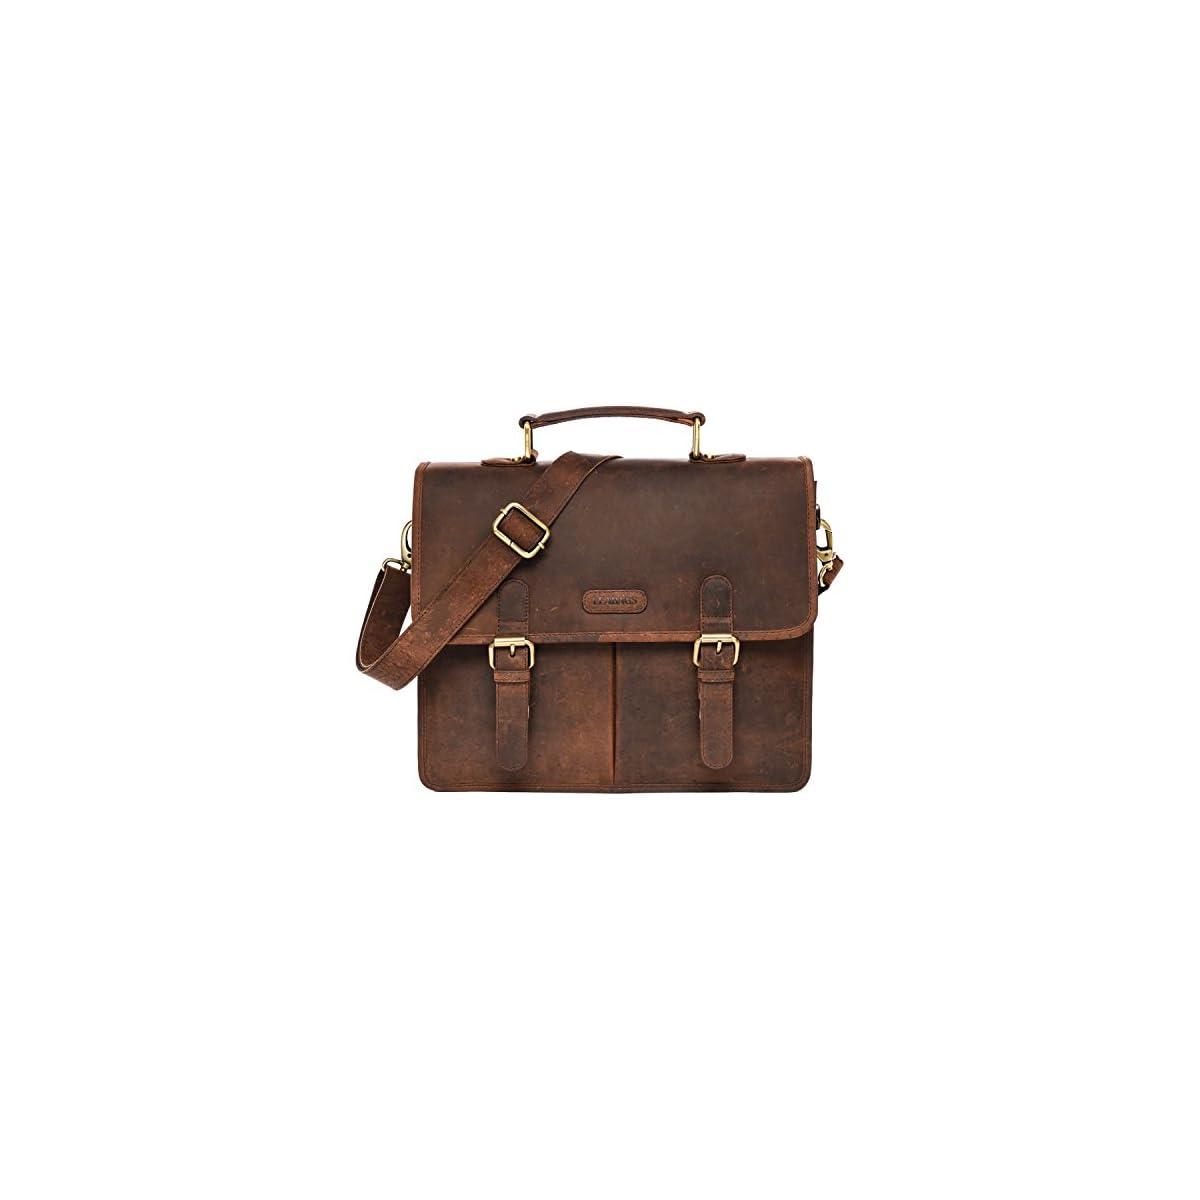 51vARPKuUqL. SS1200  - LEABAGS Oakland maletín de auténtico Cuero búfalo en el Estilo Vintage